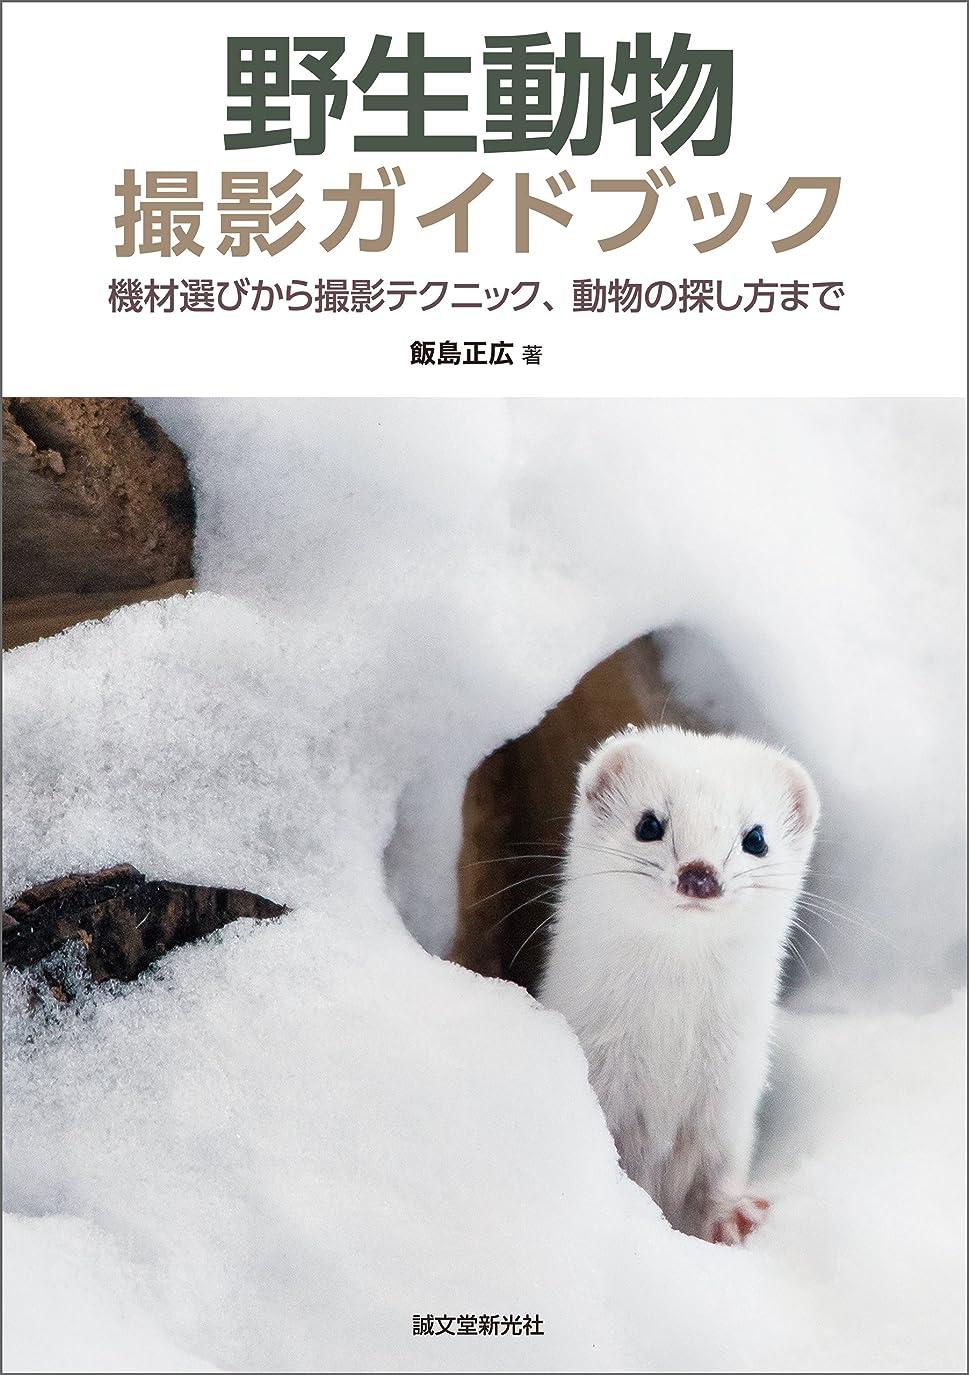 ジャンクシミュレートするジャンク野生動物撮影ガイドブック:機材選びから撮影テクニック、動物の探し方まで